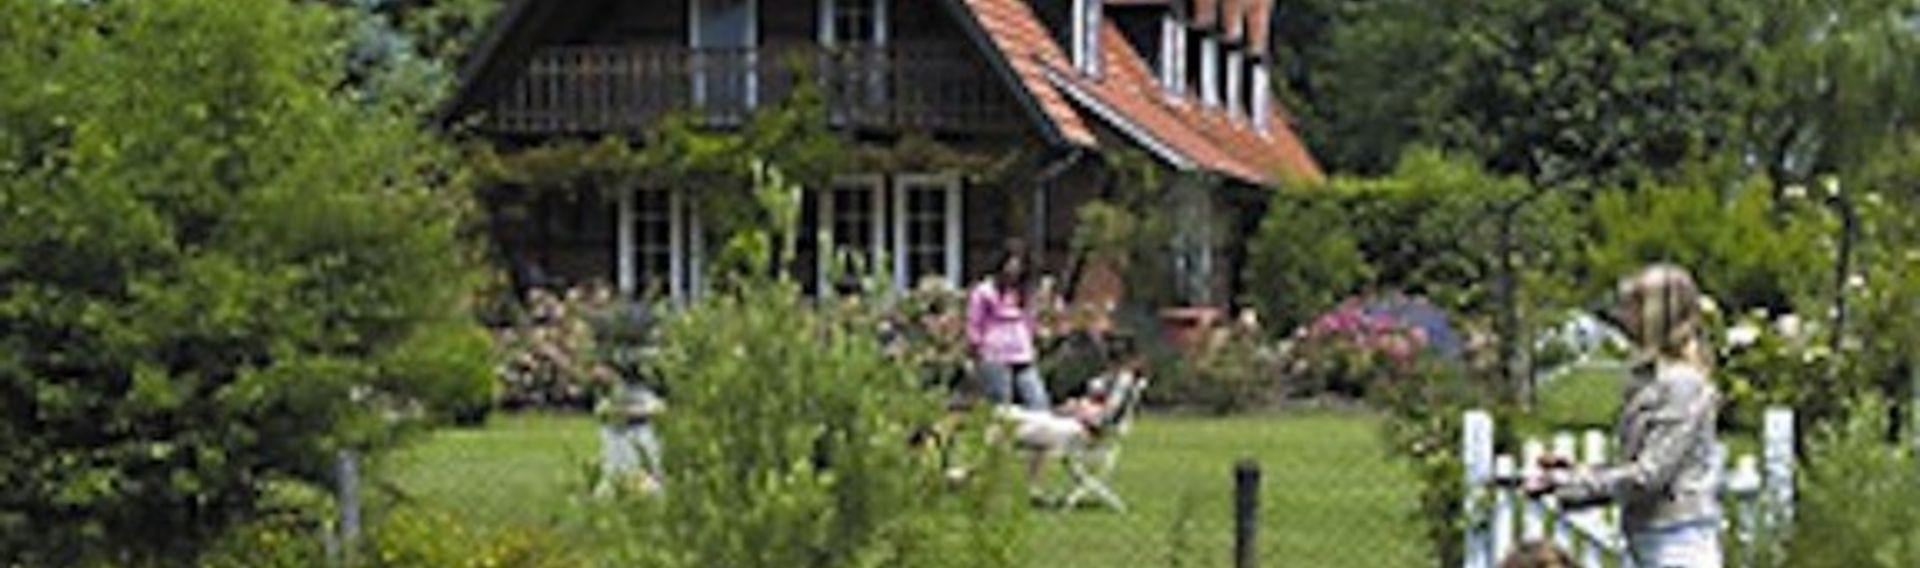 Hotel Heide mit Hund – Gut Landliebe